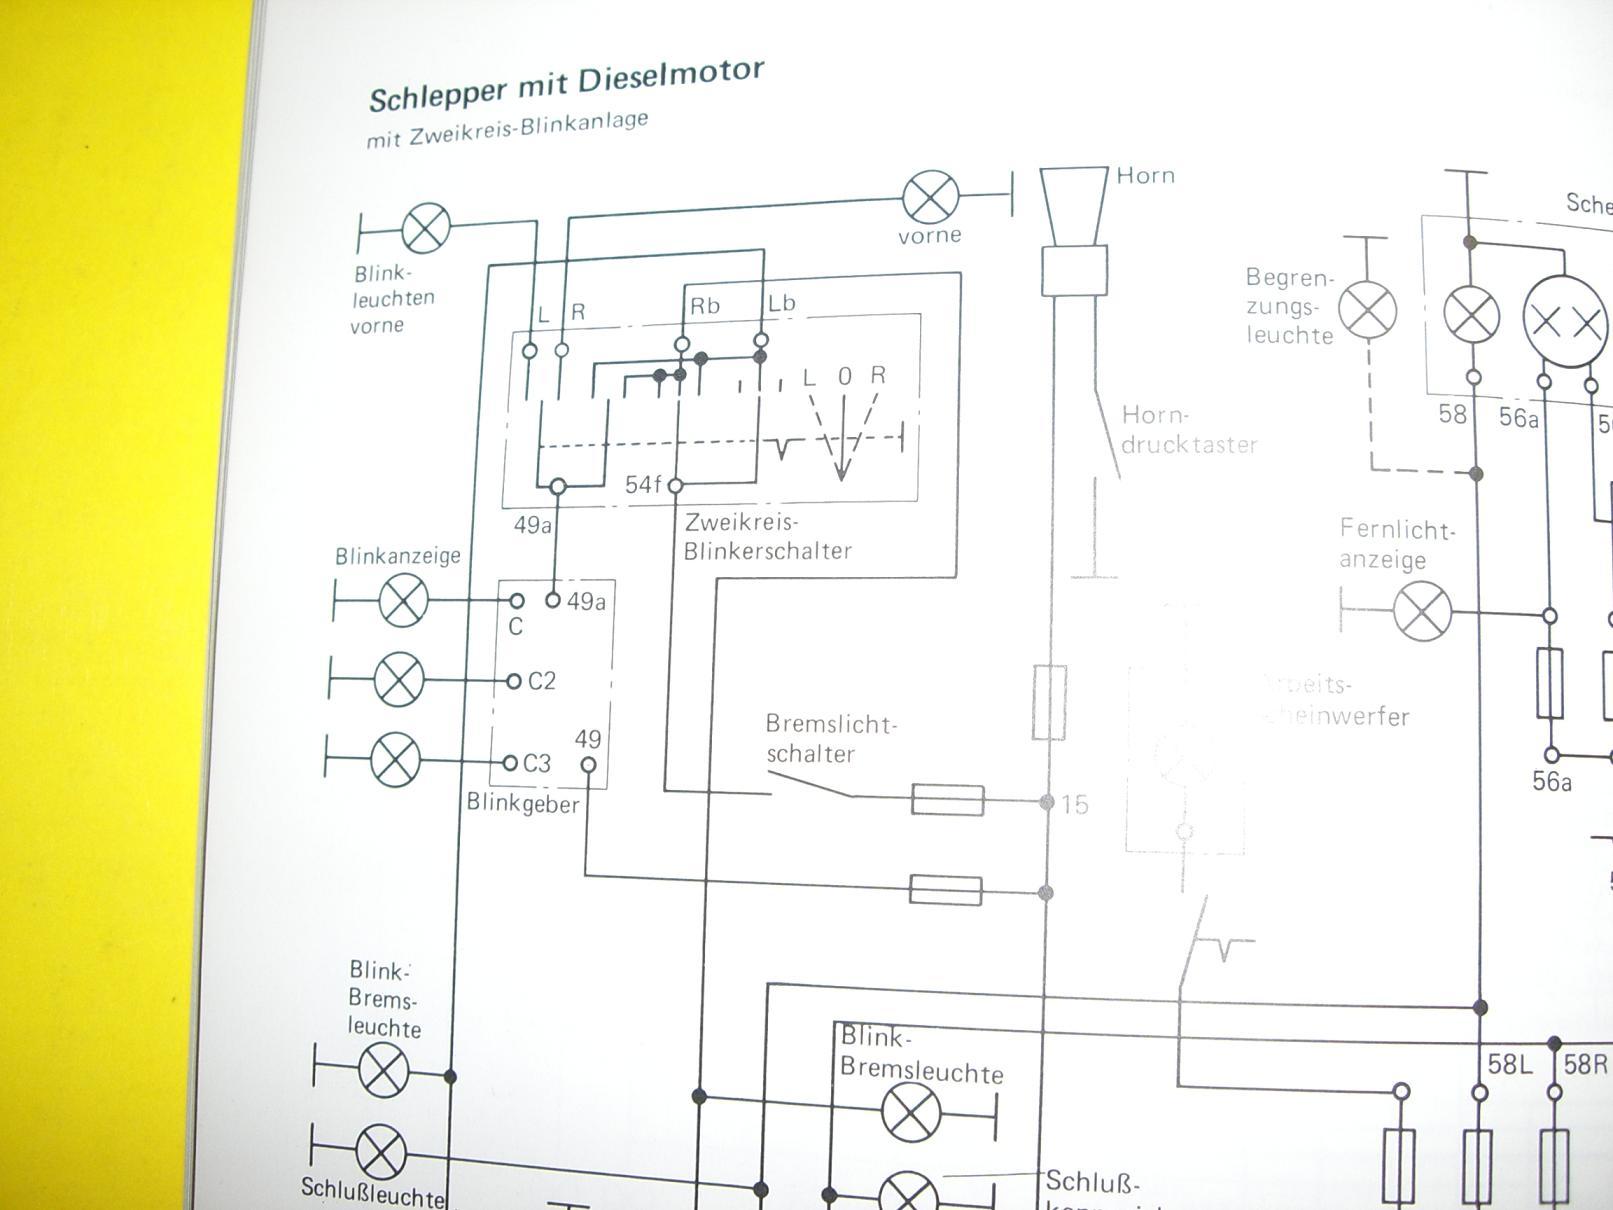 Wunderbar Beleuchtung Schaltpläne Zeitgenössisch - Der Schaltplan ...